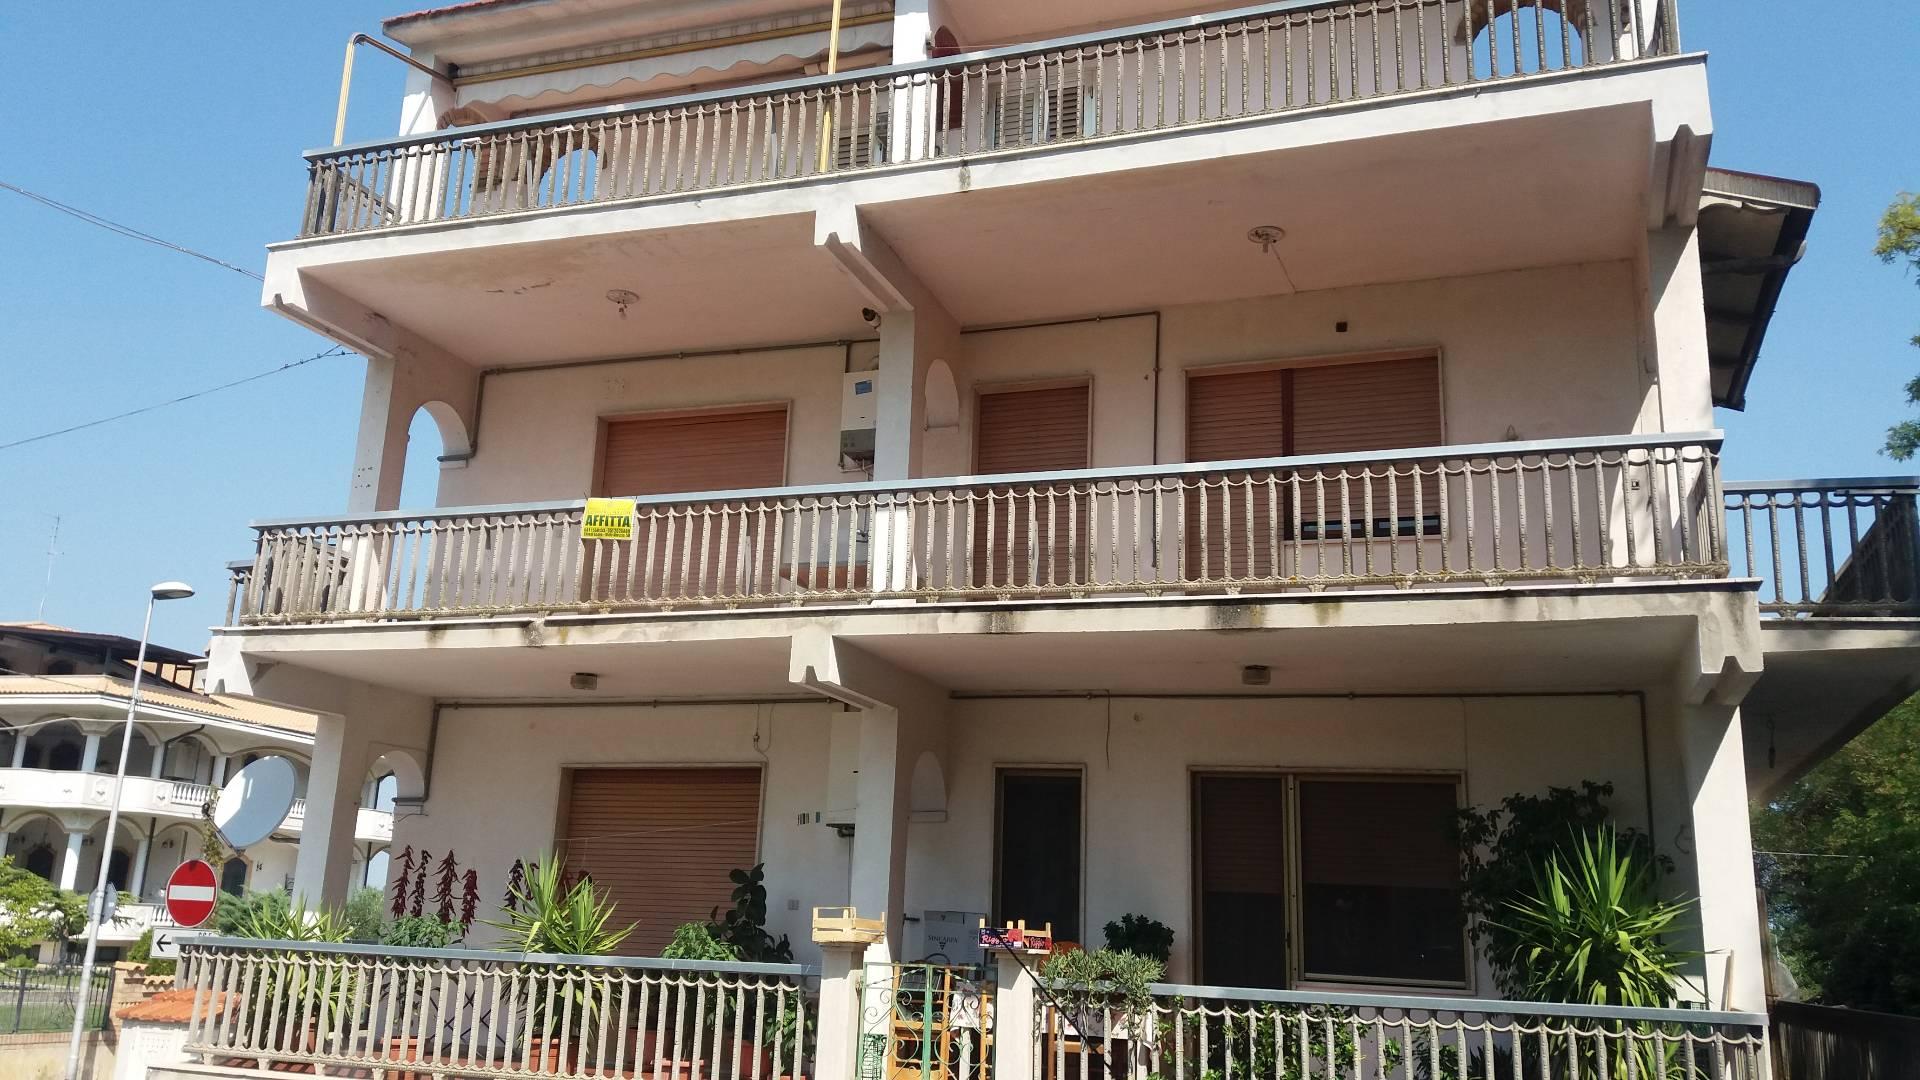 Appartamento in affitto a Chieti, 4 locali, zona Località: S.Martino, prezzo € 300 | CambioCasa.it